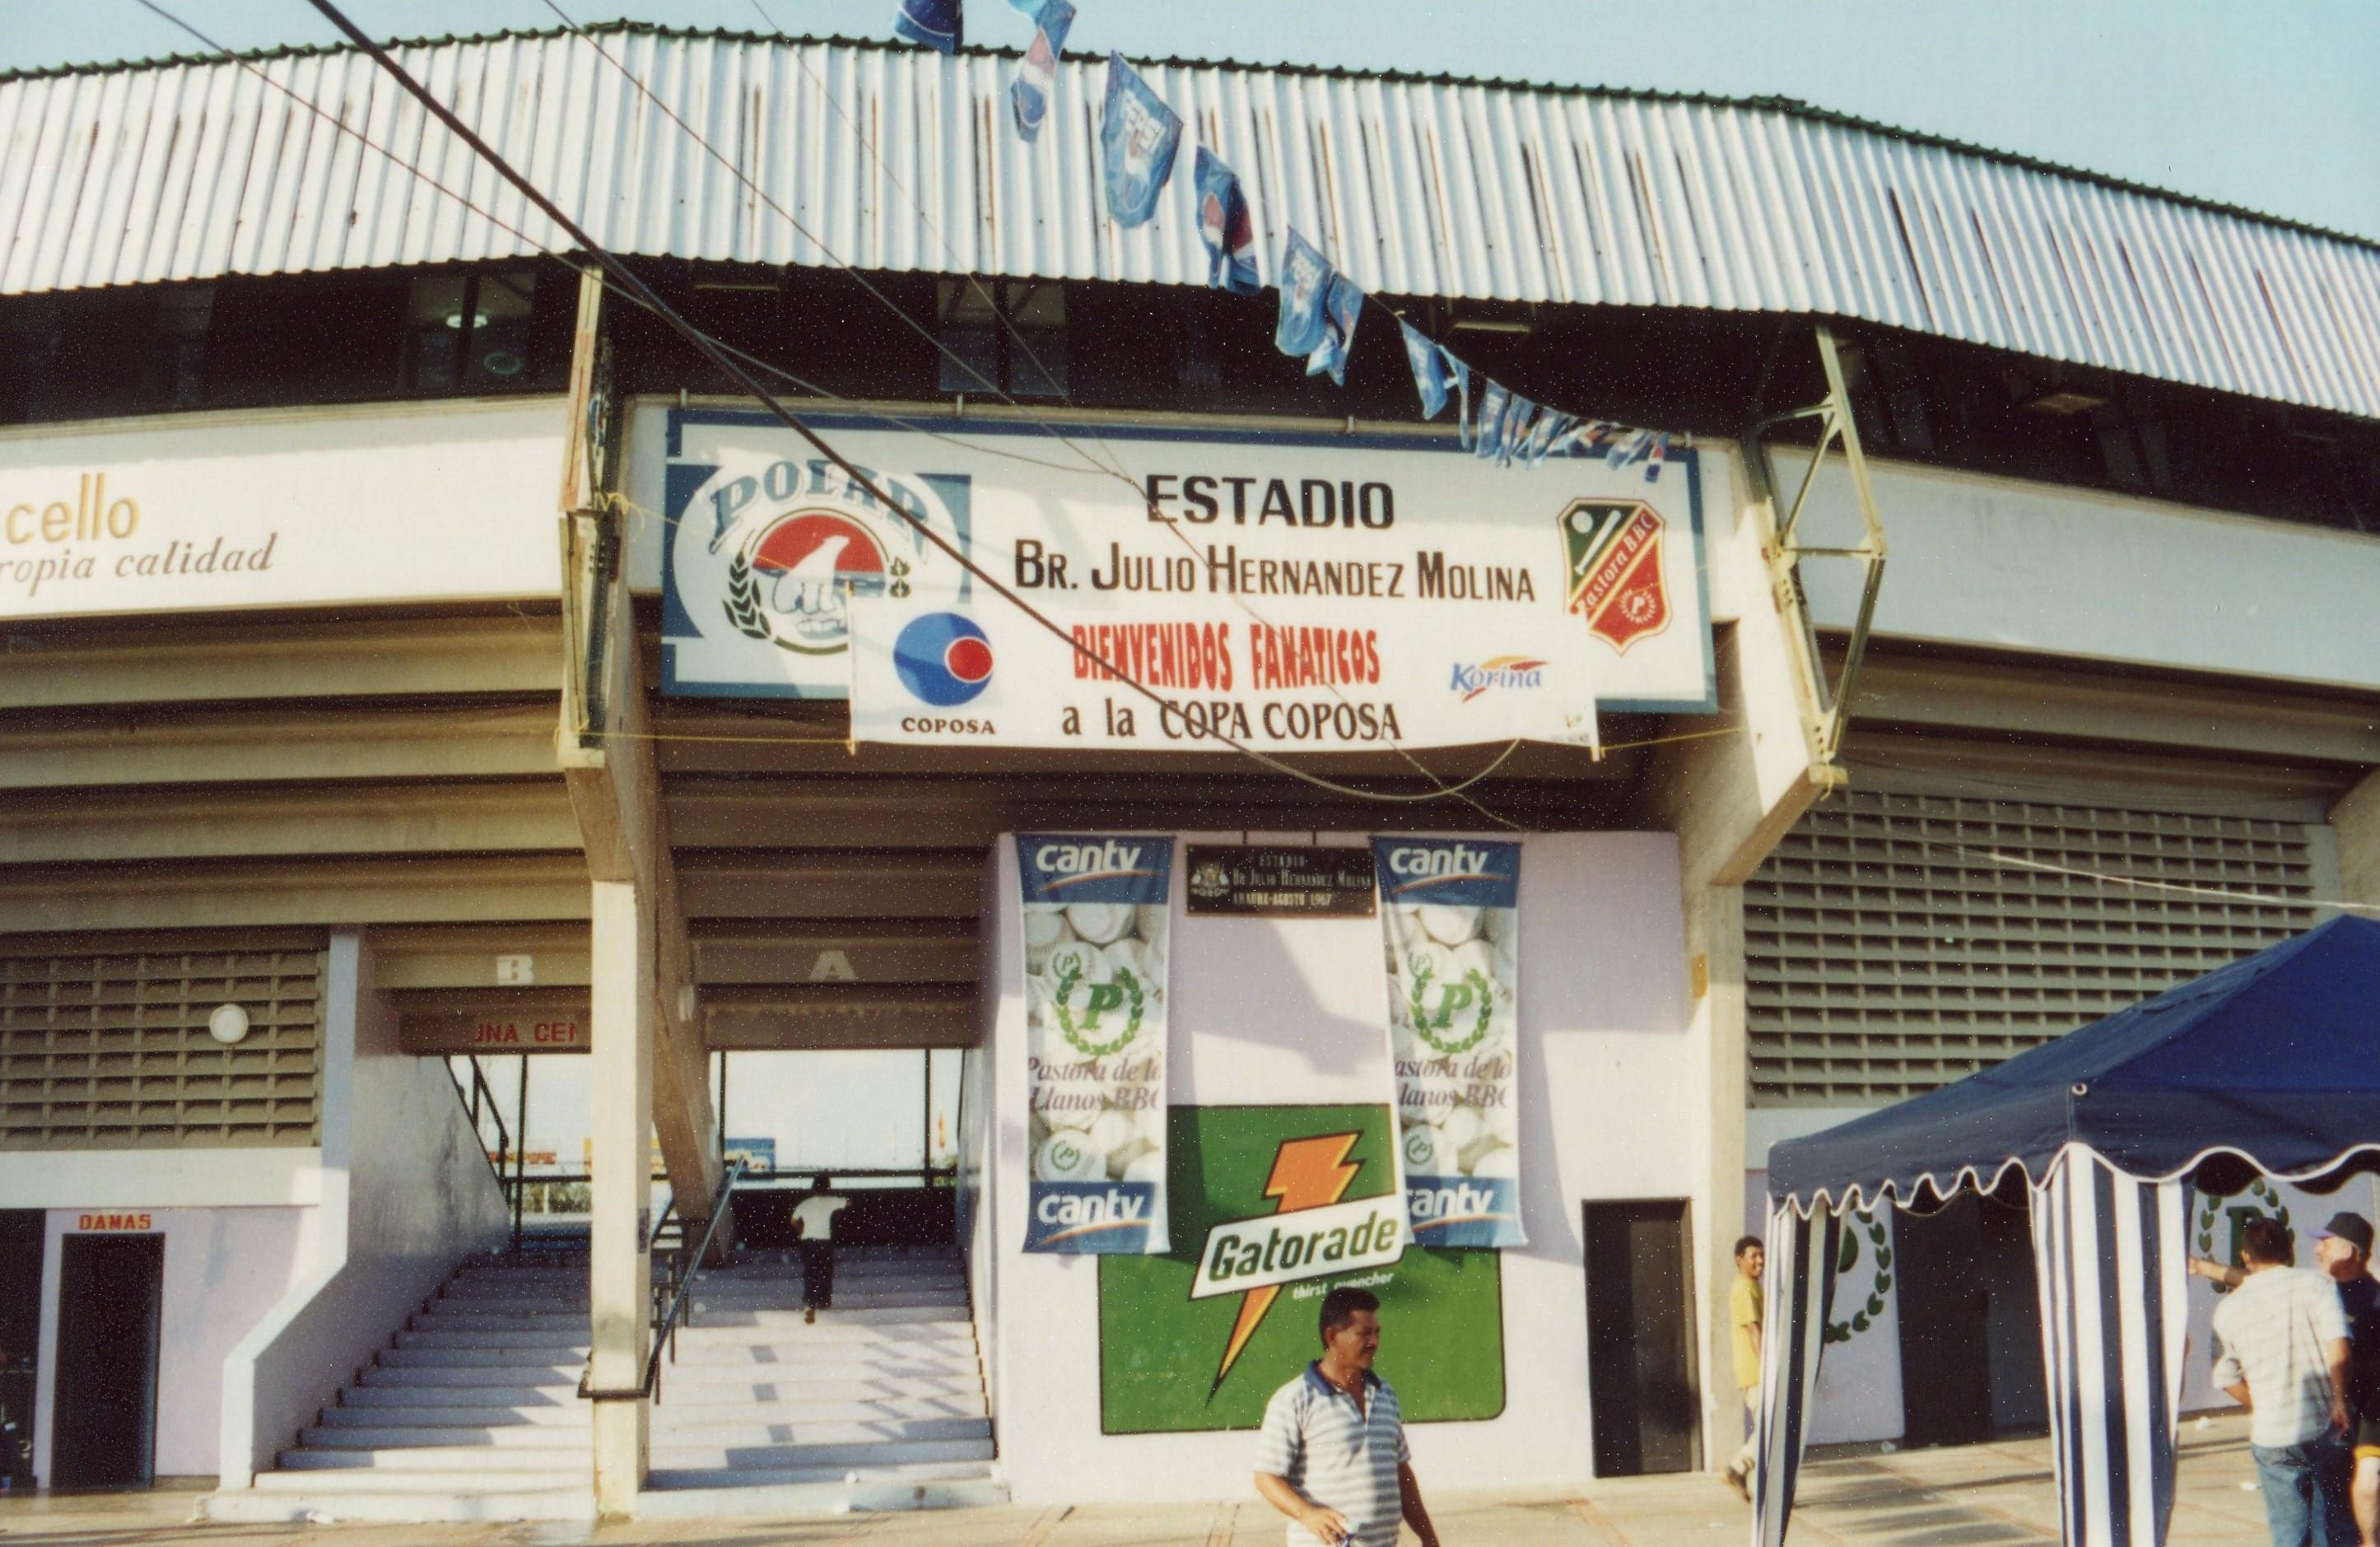 日本で活躍したアレックス・カブレラもプレーした今はなきロスリャノス・パストラの本拠アラウレの球場